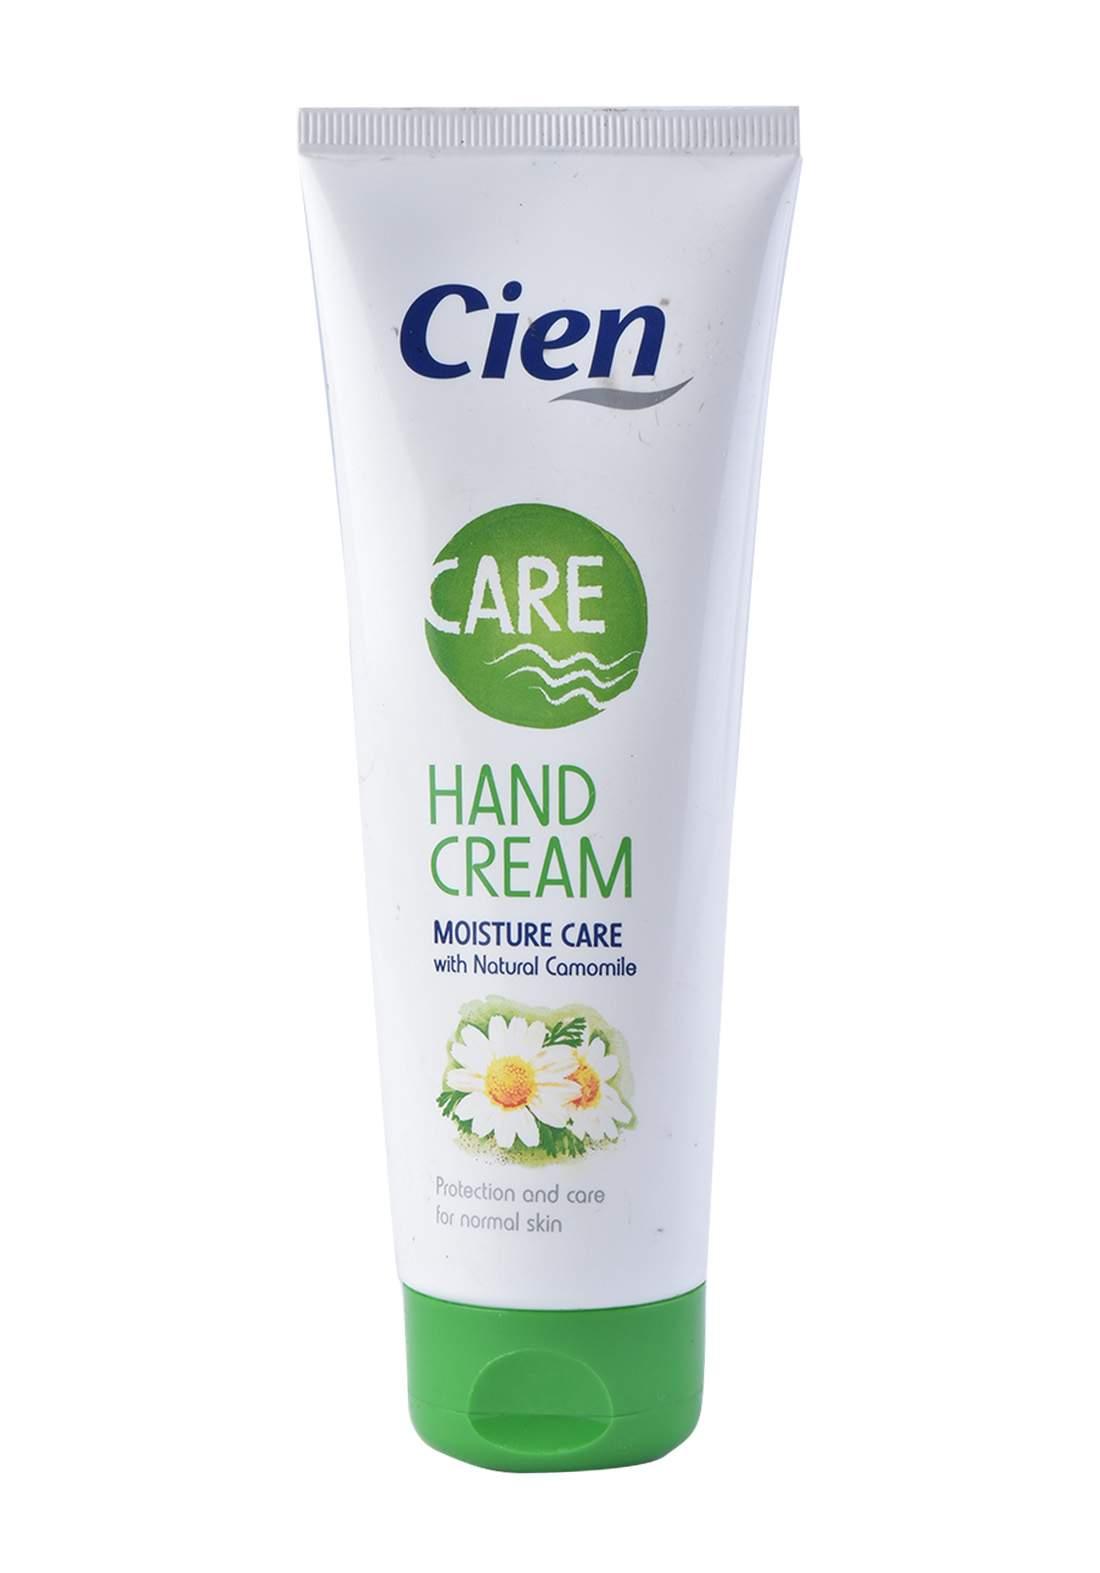 Cien Care Hand Cream Moisturizer Chamomile 125ml  كريم لليدين